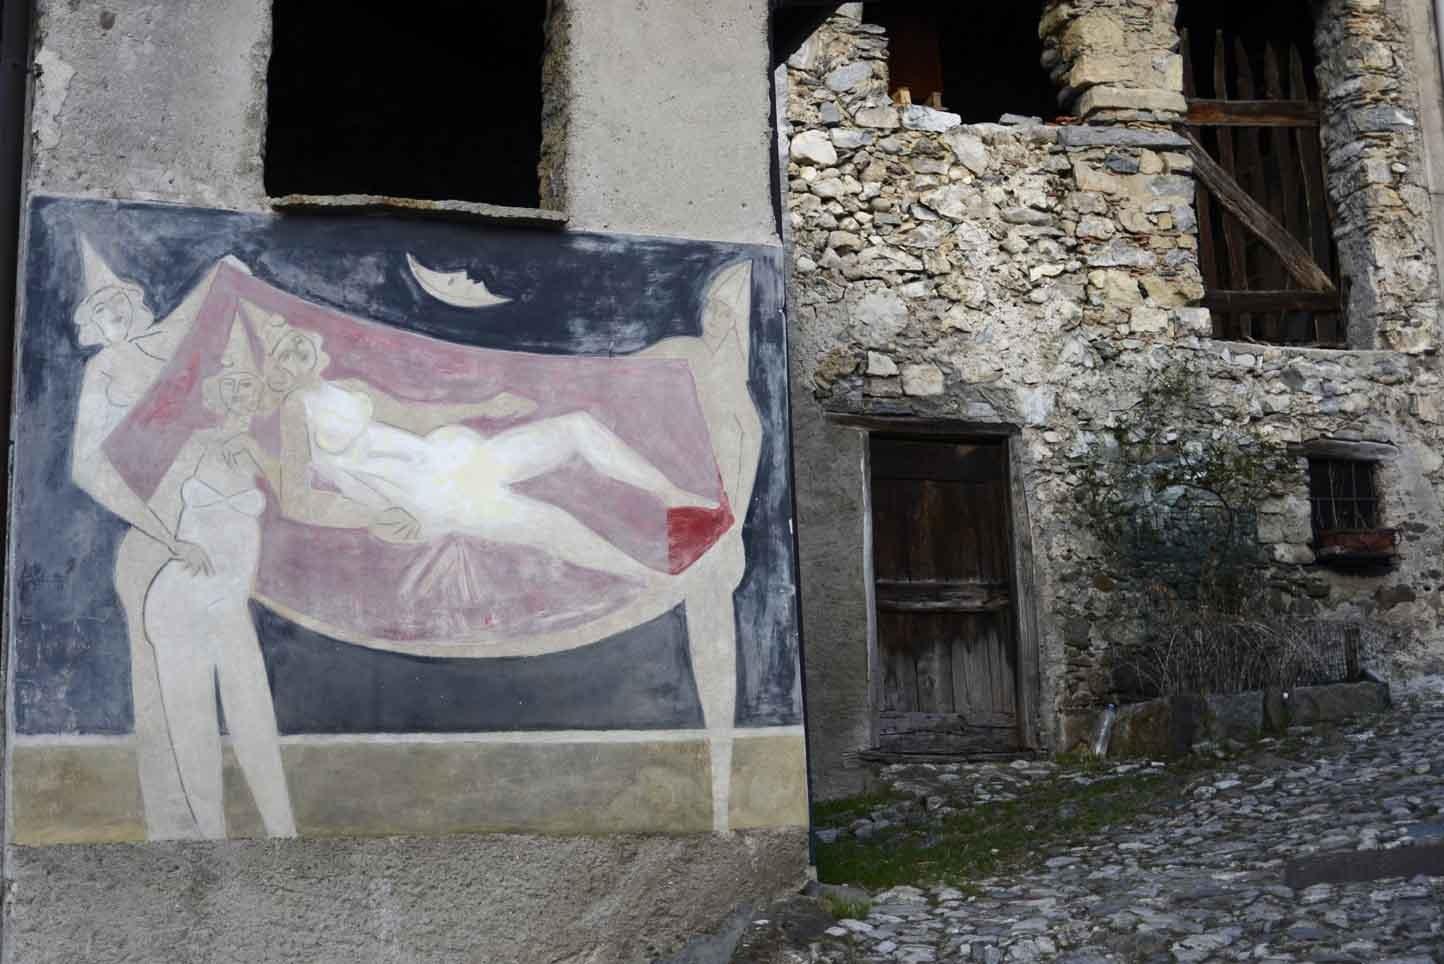 arcumeggia-15.-sante-monachesi-trionfo-di-gea-ph-vgiannella